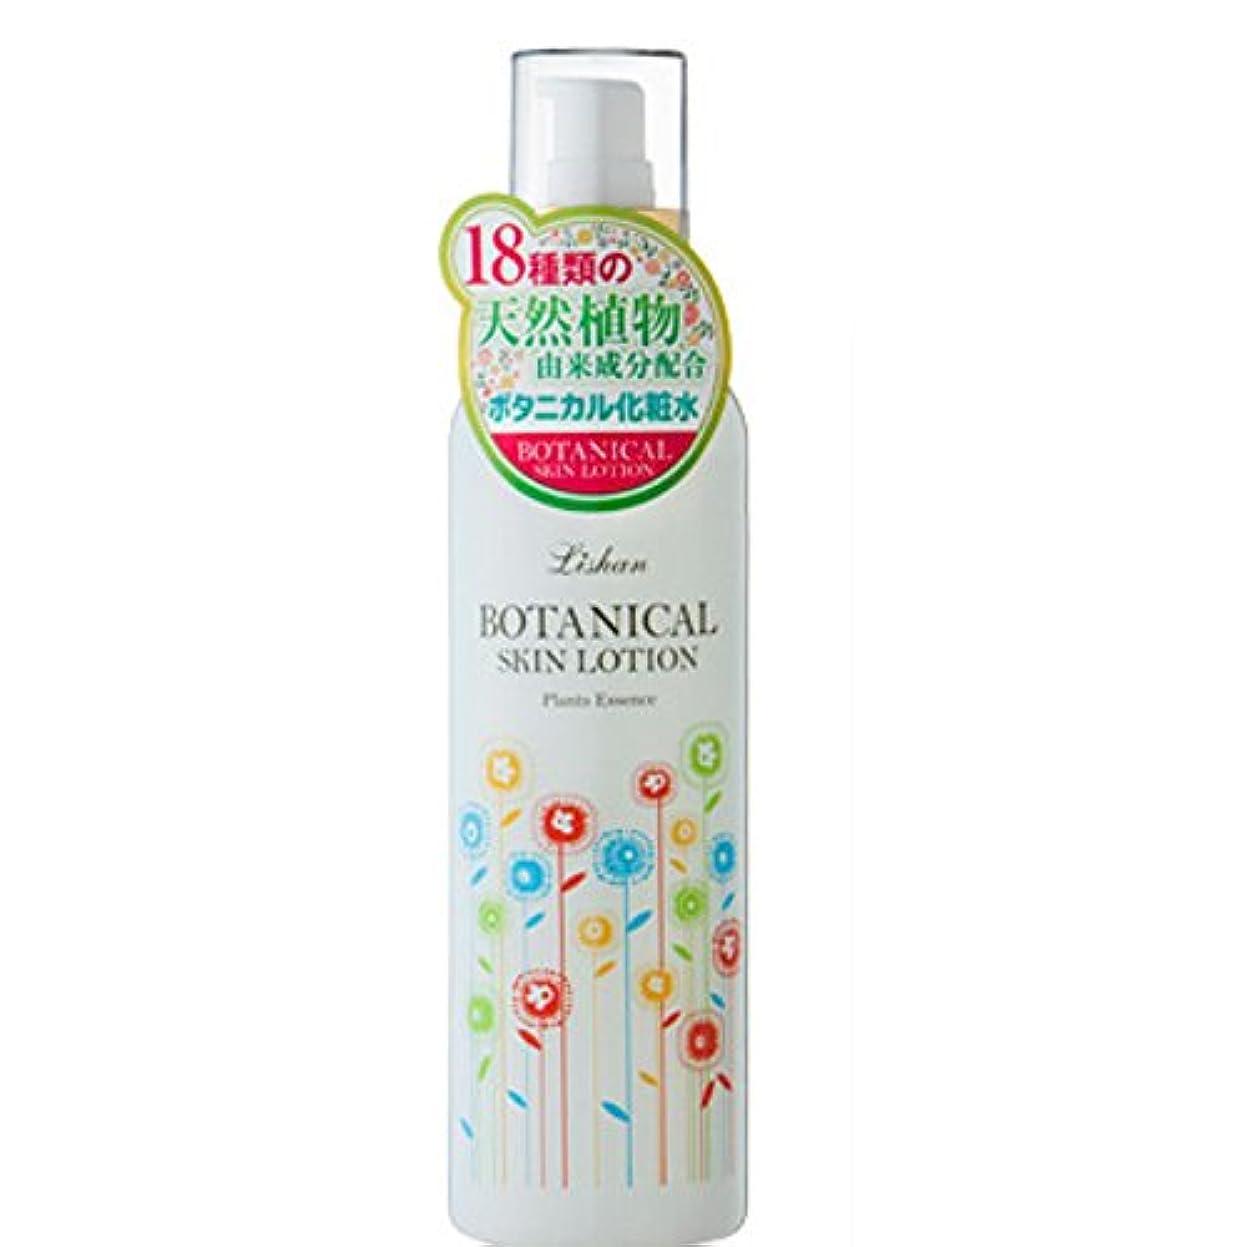 爆弾チェスいわゆるアイスタイル リシャン ボタニカル化粧水 フローラルの香り 260ml